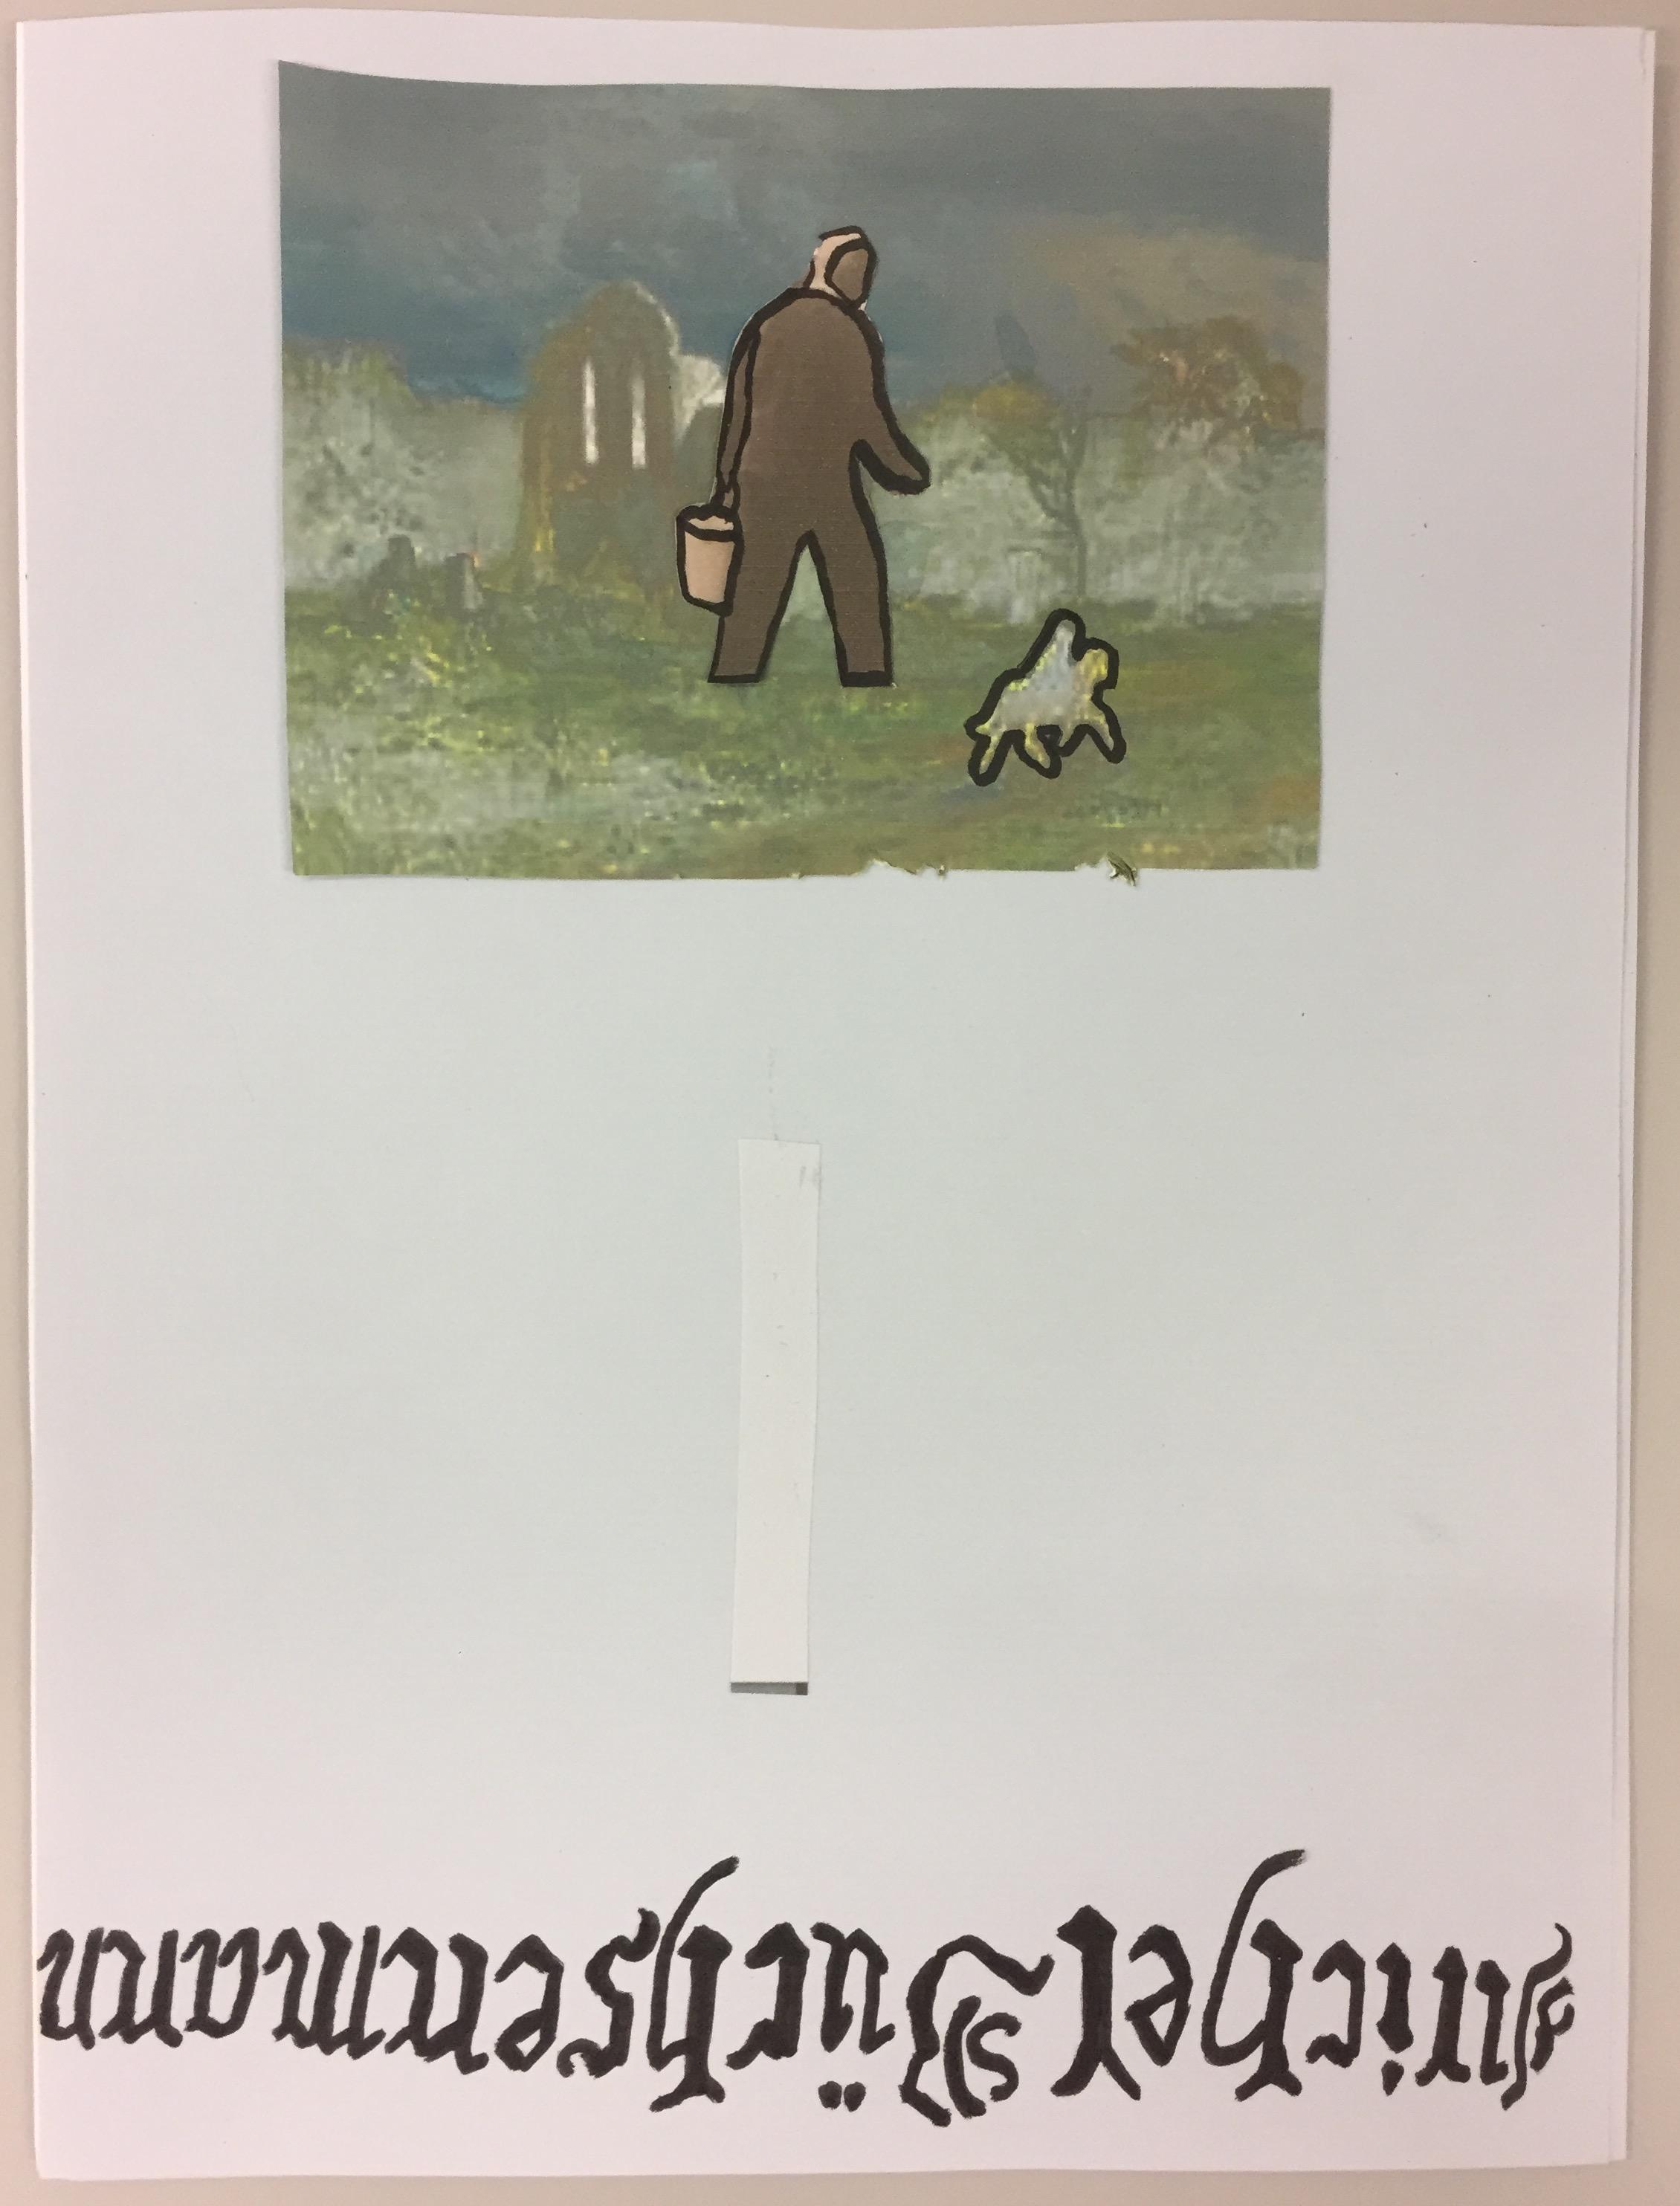 Michel Büchsenmann 290 €